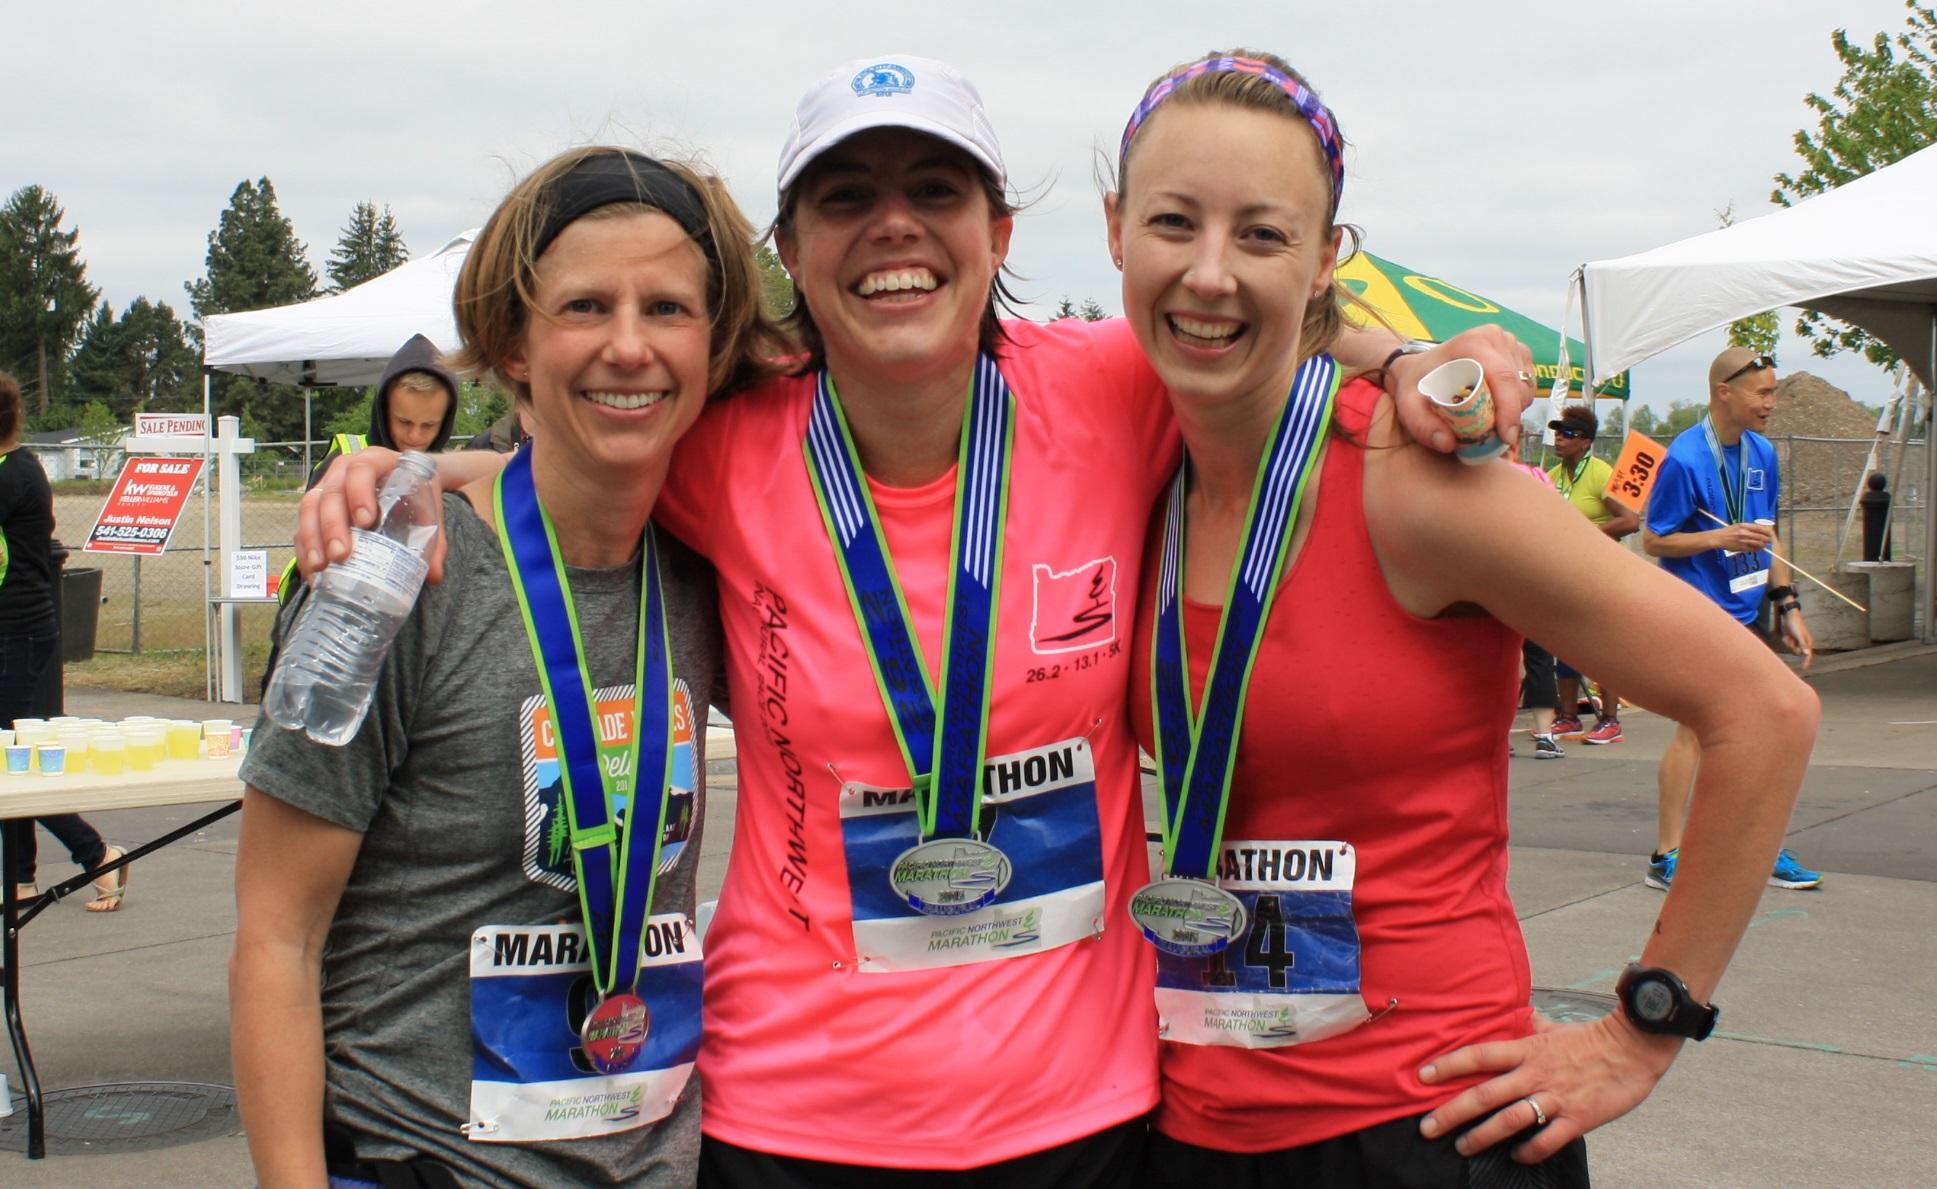 Three who ran their Boston Qualifier Marathon - Congratulations!